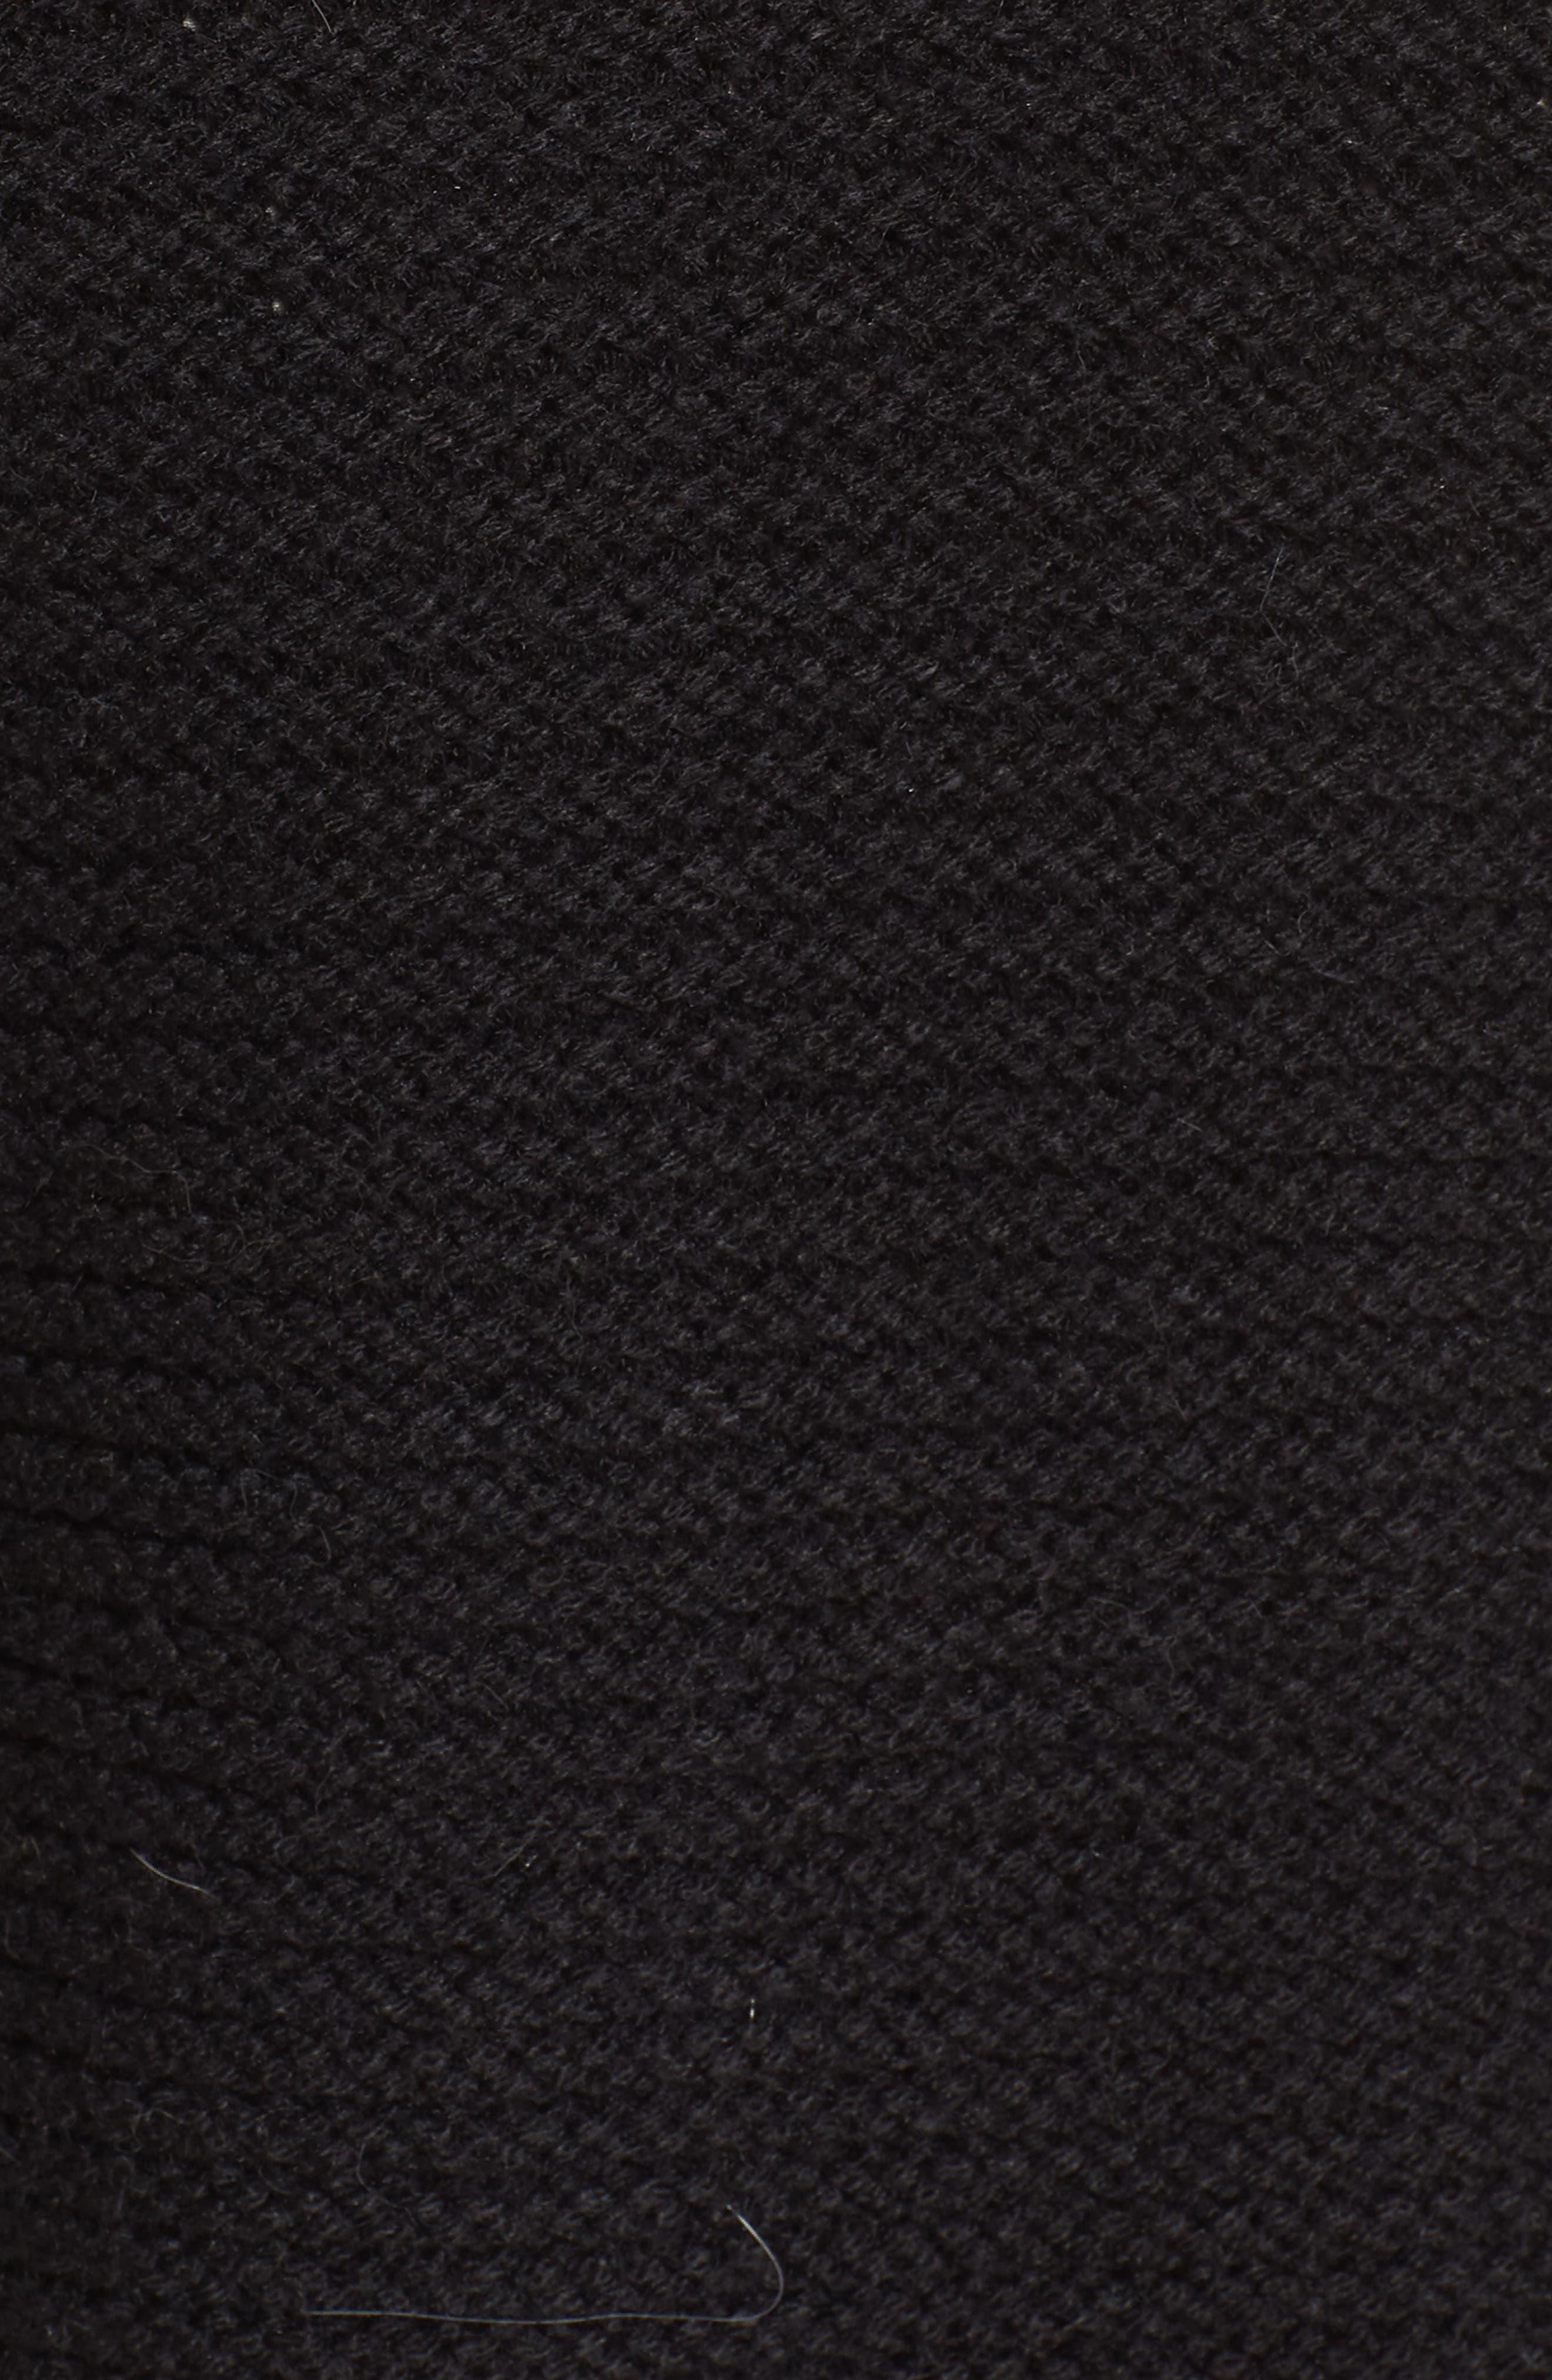 Faux Shearling Vest,                             Alternate thumbnail 6, color,                             001